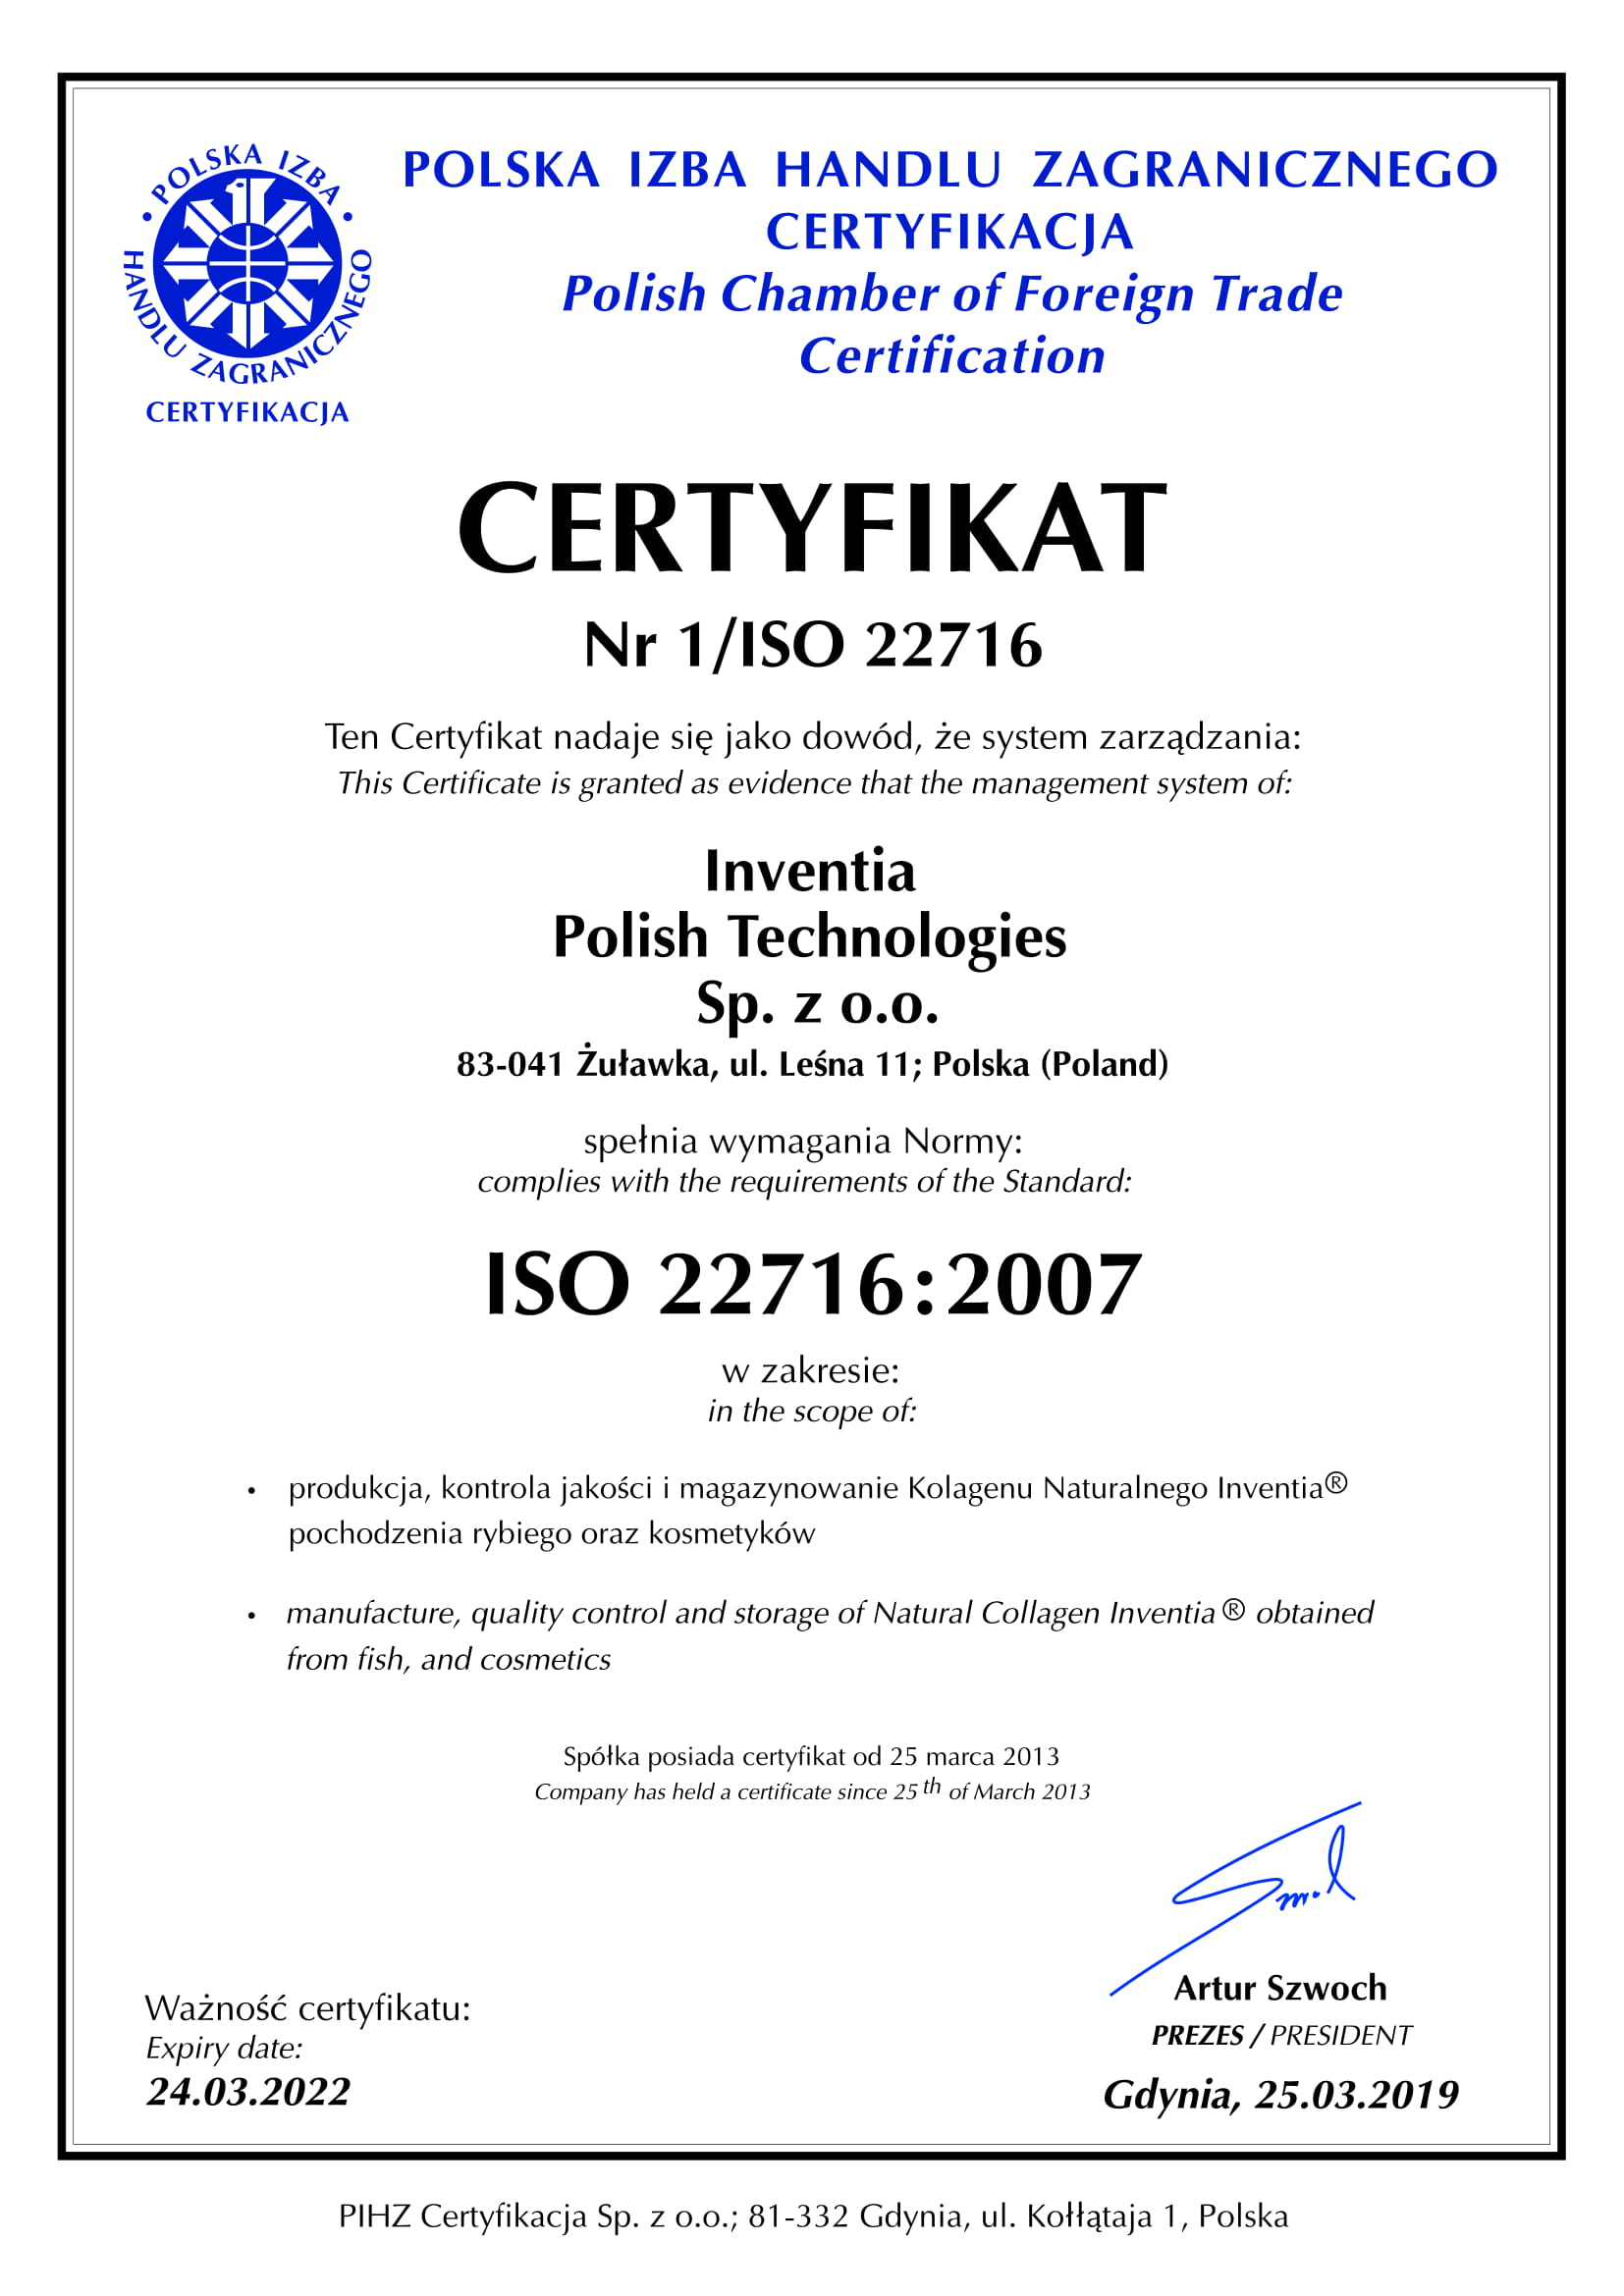 Inventia-ISO_22716_2019